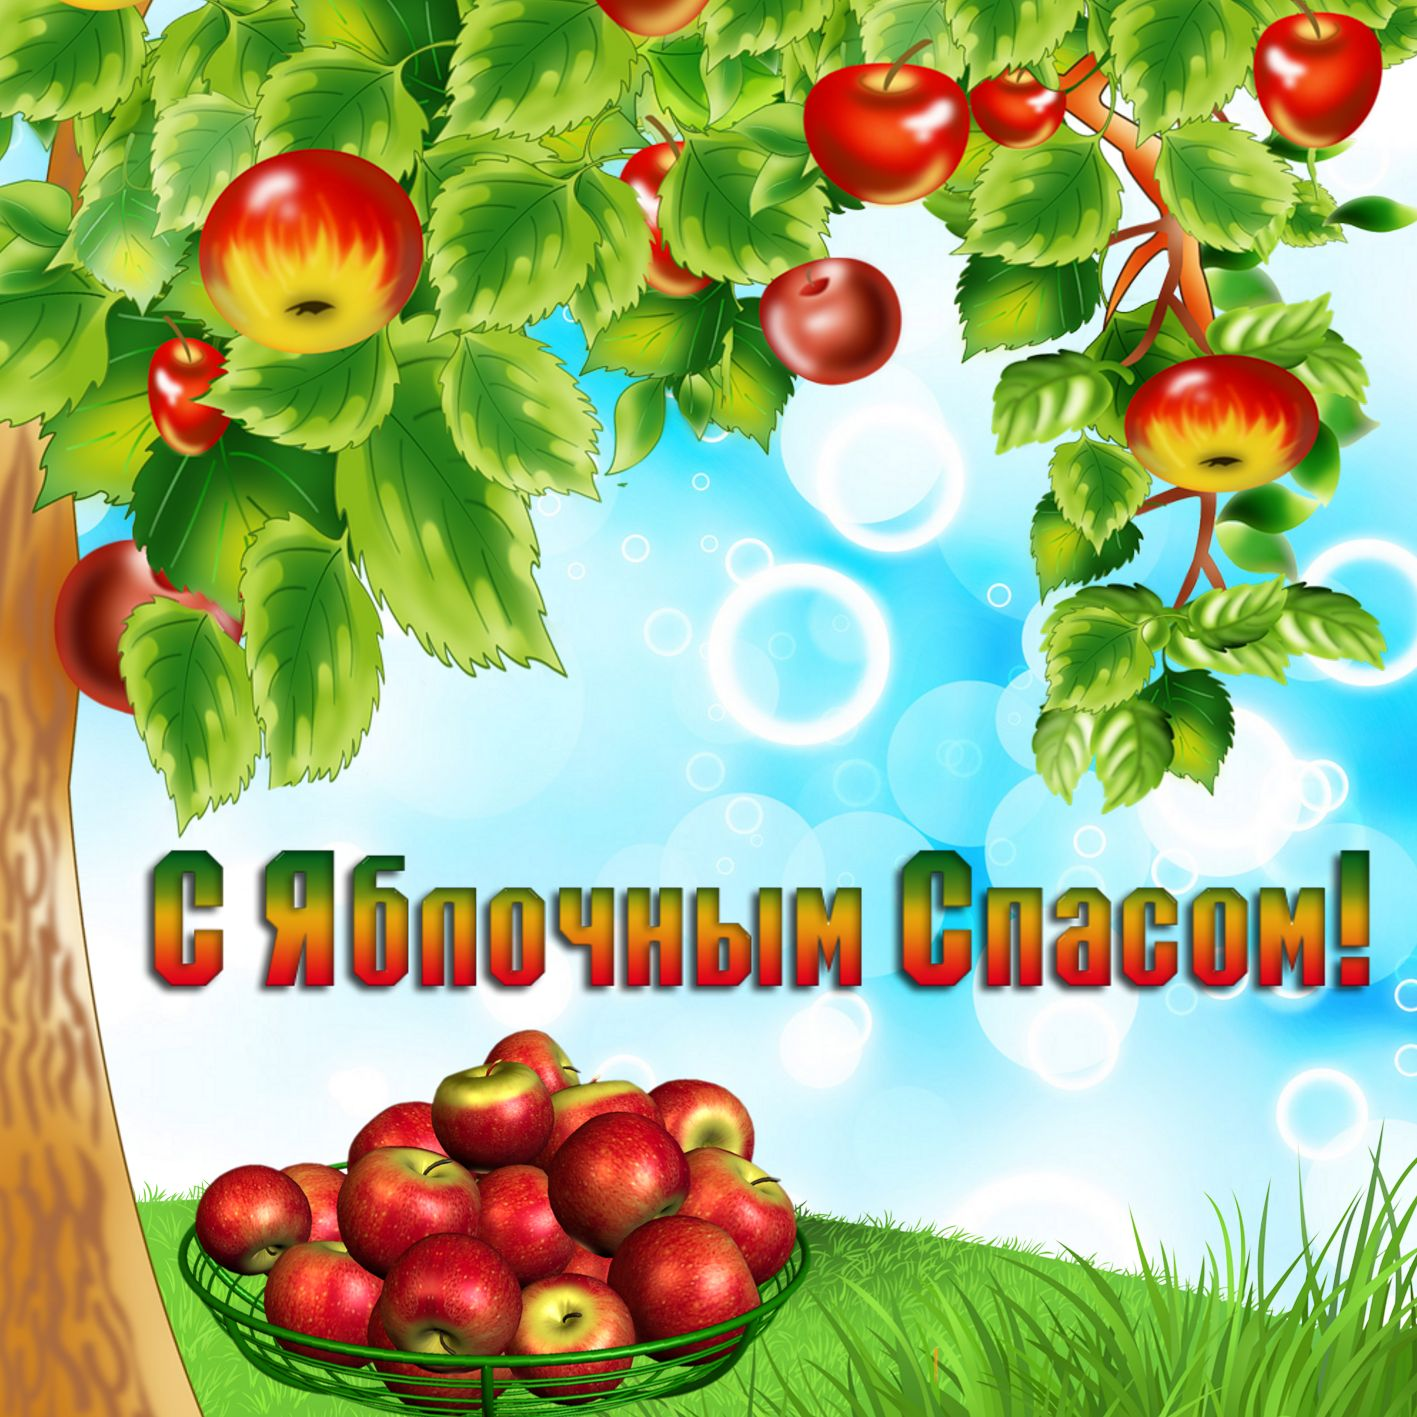 Открытка на Яблочный Спас - яблоня со спелыми яблоками